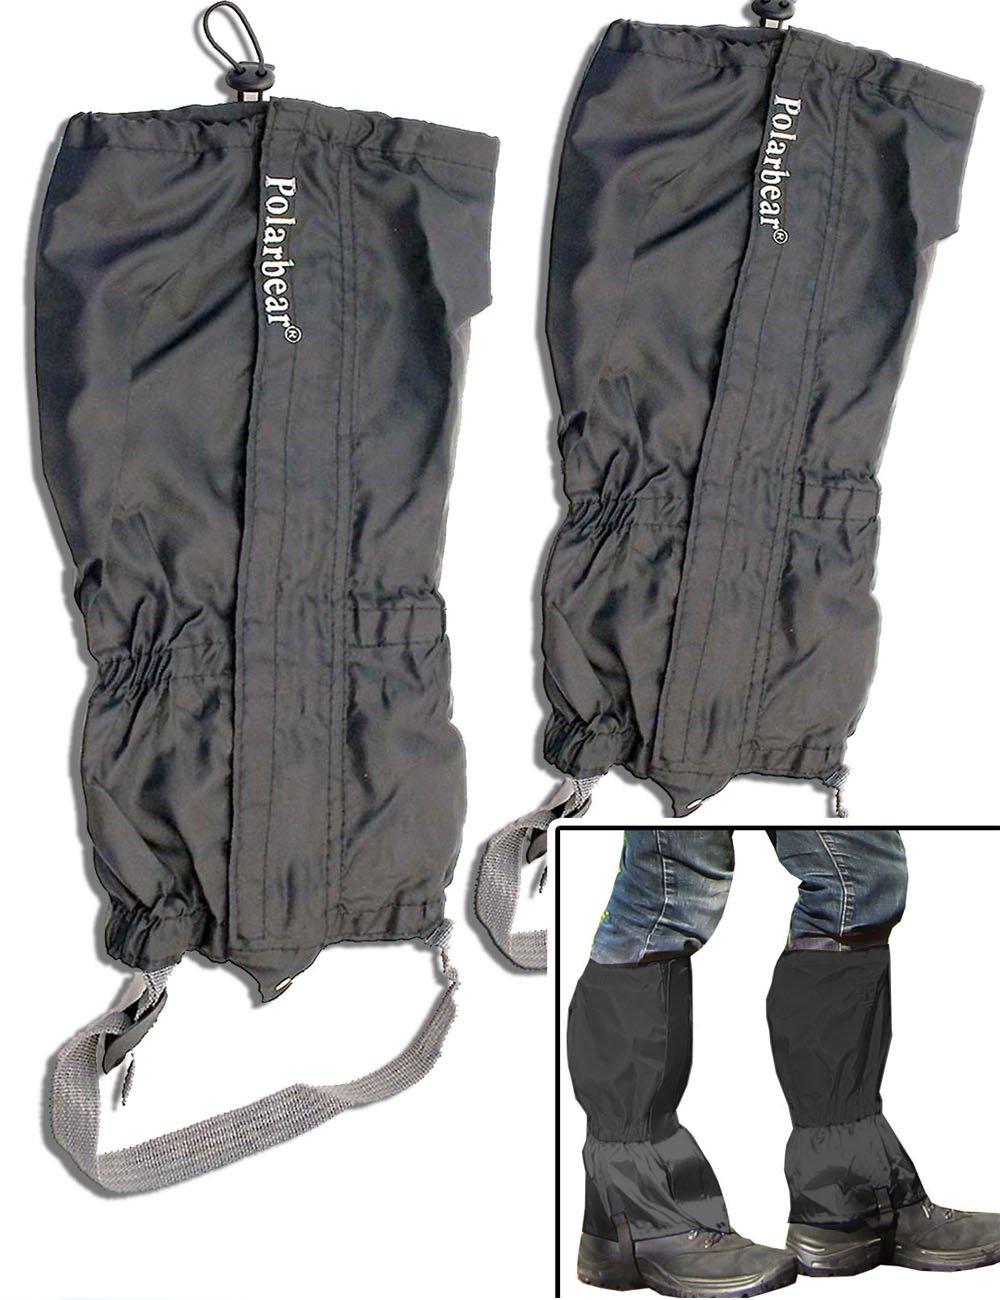 Outdoor Saxx® - Paar Gamaschen | Unigröße wasserdicht strapazierfähig | für Wandern, Ski Fahren, Gestrüpp Stiefel-Schutz wasserabweisend | 2er Set